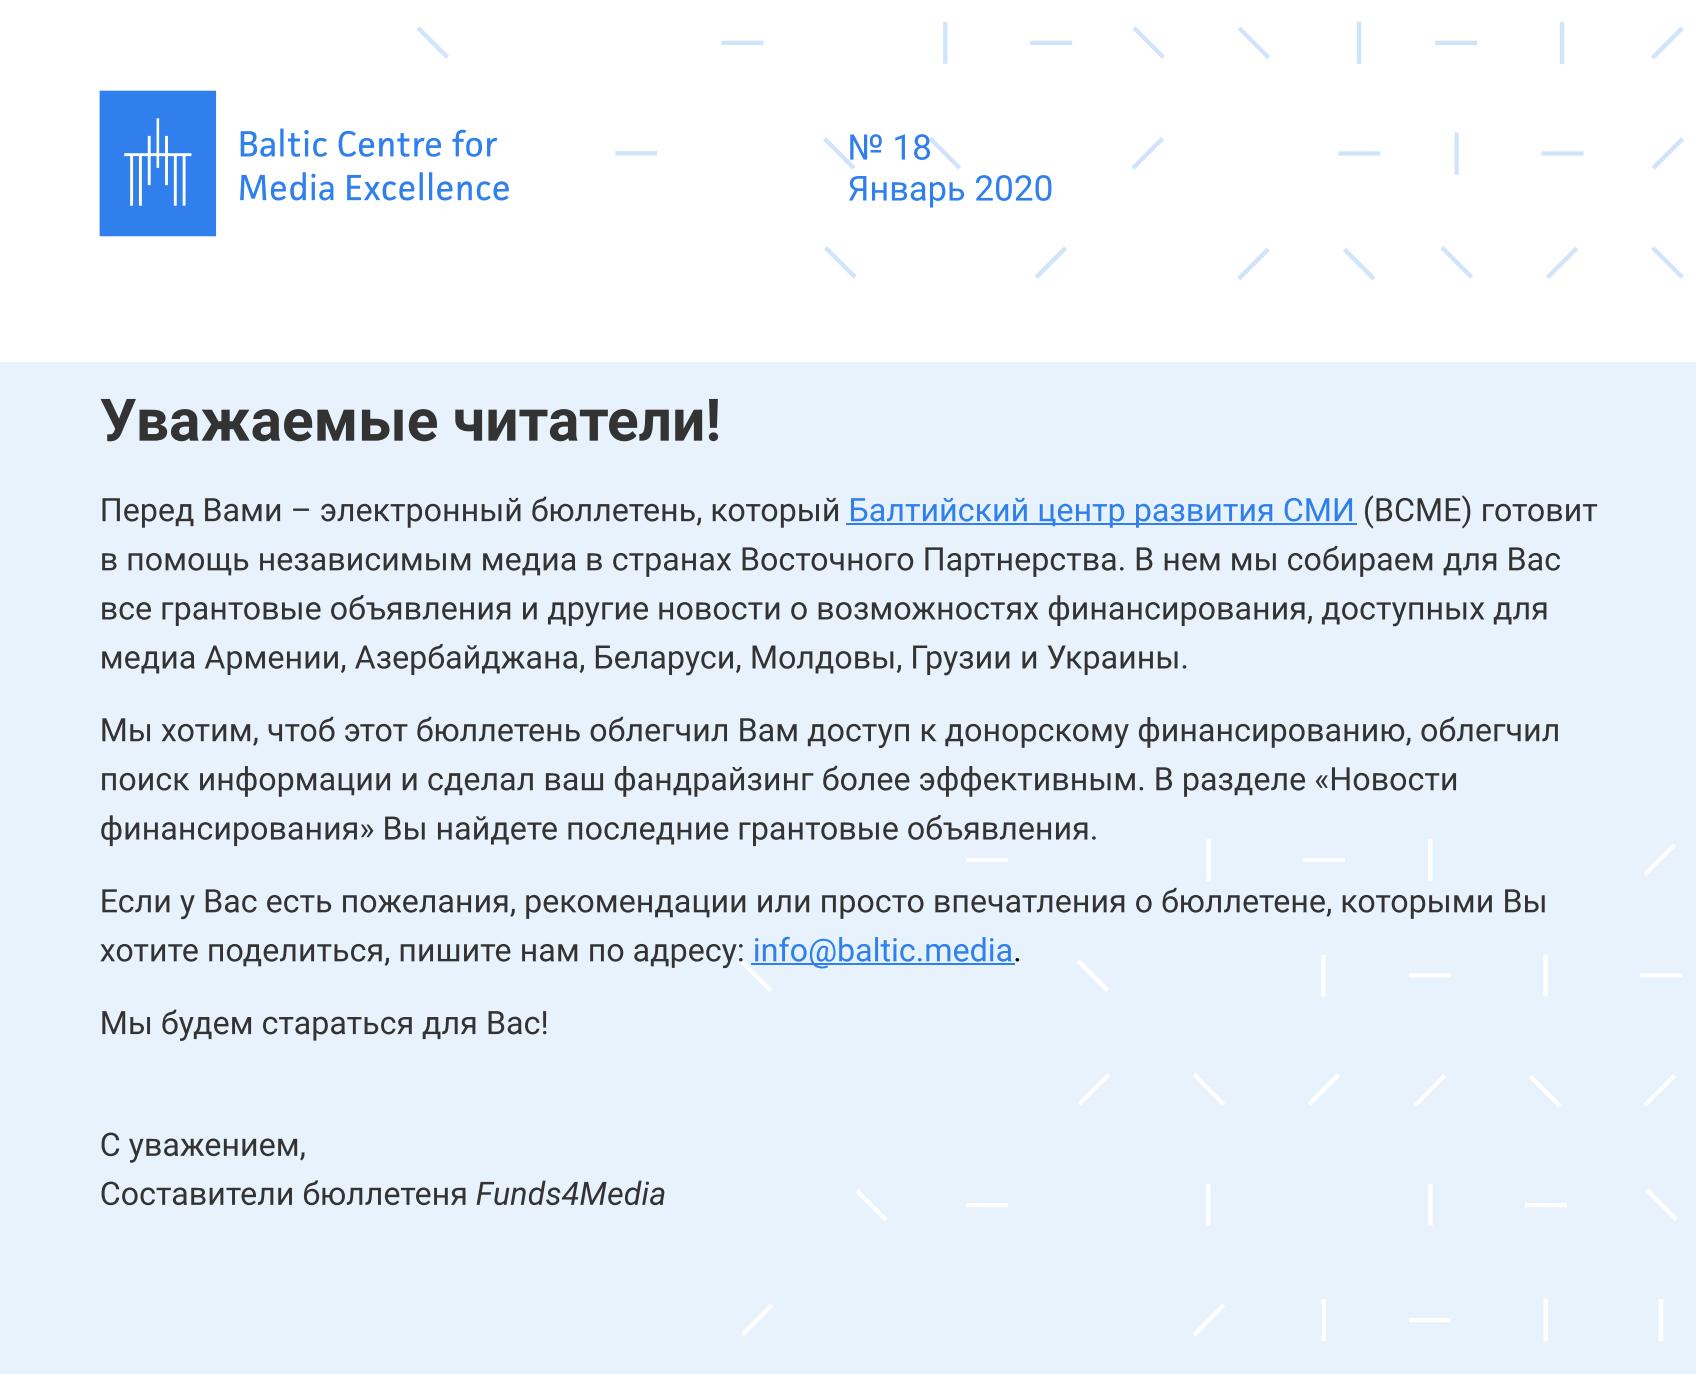 Бюлетень Балтійського центру розвитку ЗМІ. Випуск 18. Січень 2020 р.